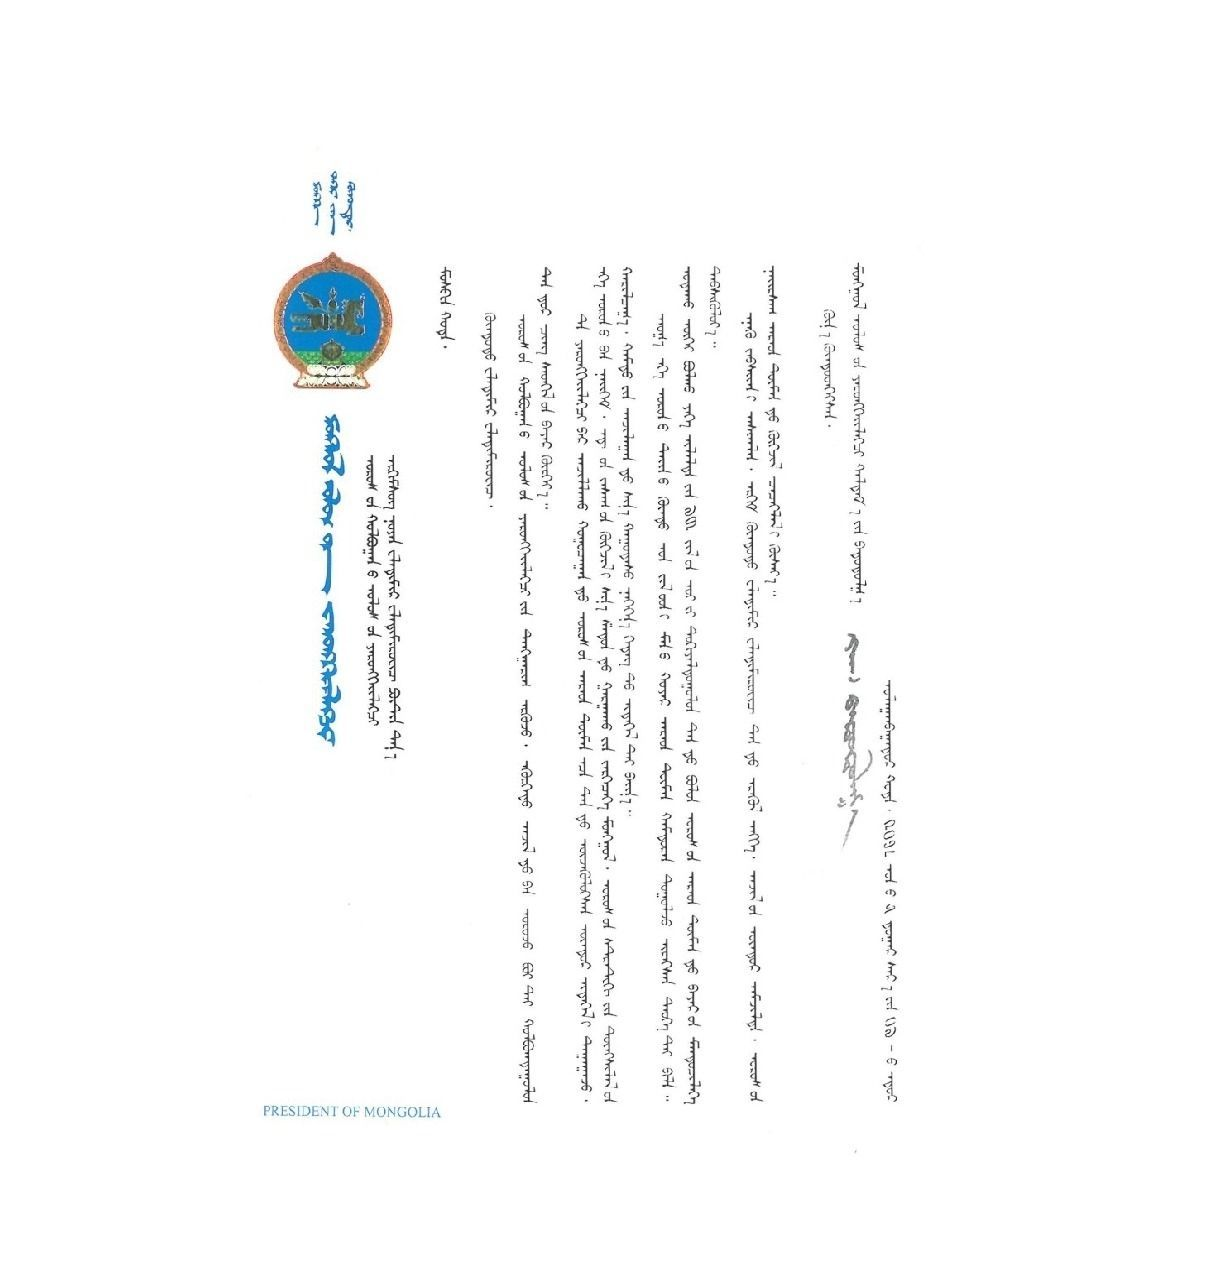 65a9de_letterPutin2018V05_x974-1 Ерөнхийлөгч Х.Баттулгын В.Путинд илгээсэн захидал